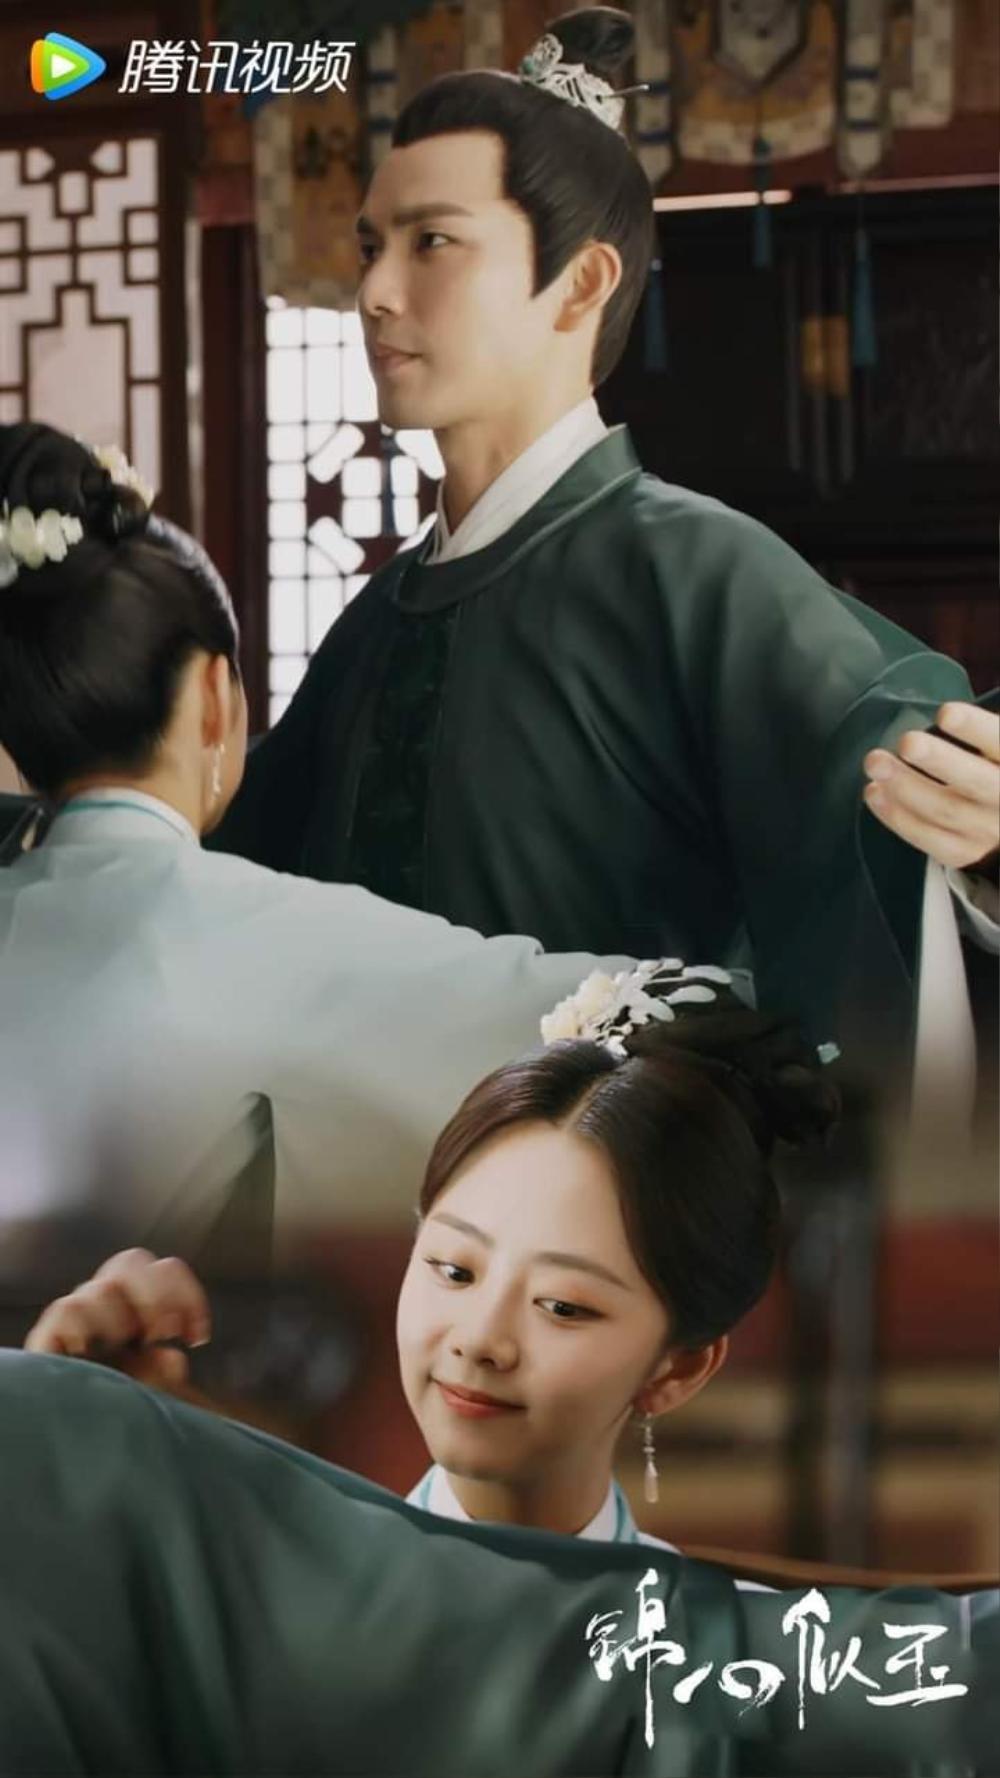 Đàm Tùng Vận diễn một màu, Chung Hán Lương bị chê 'già nua' khiến khán giả ngán ngẫm - Cẩm Tâm Tựa Ngọc Ảnh 12